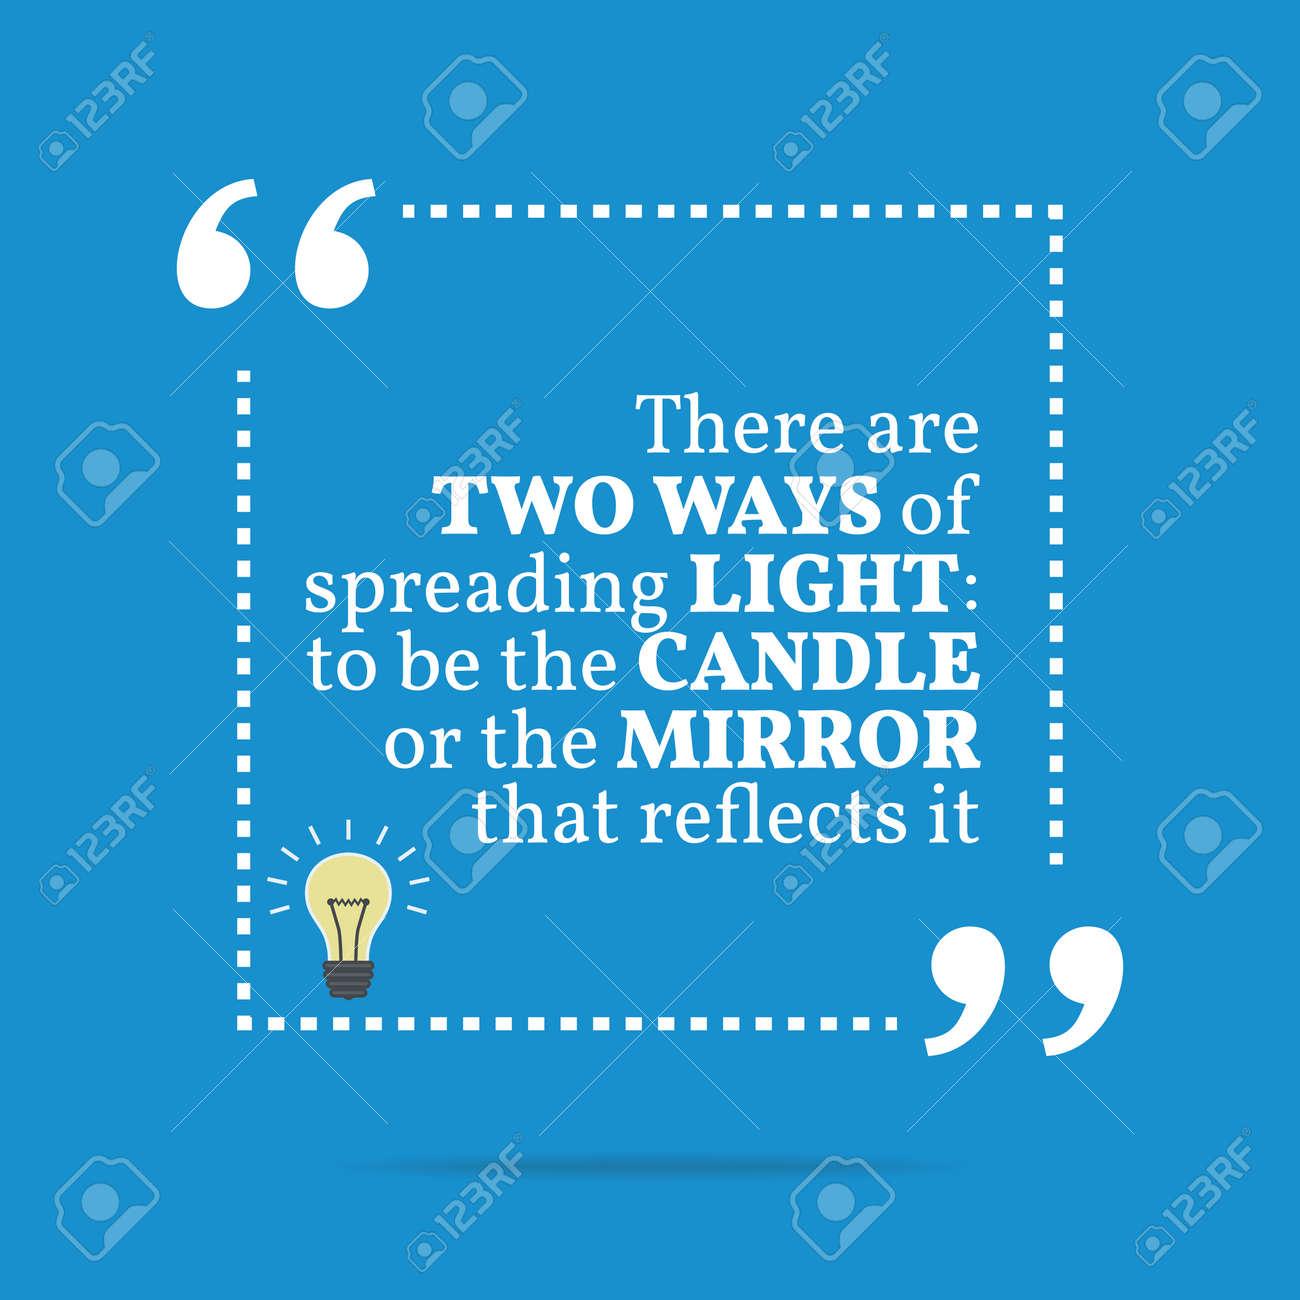 Citation De Motivation Inspirée Il Y A Deux Façons De Répandre La Lumière être La Bougie Ou Le Miroir Qui La Reflète Conception Simple Et Tendance